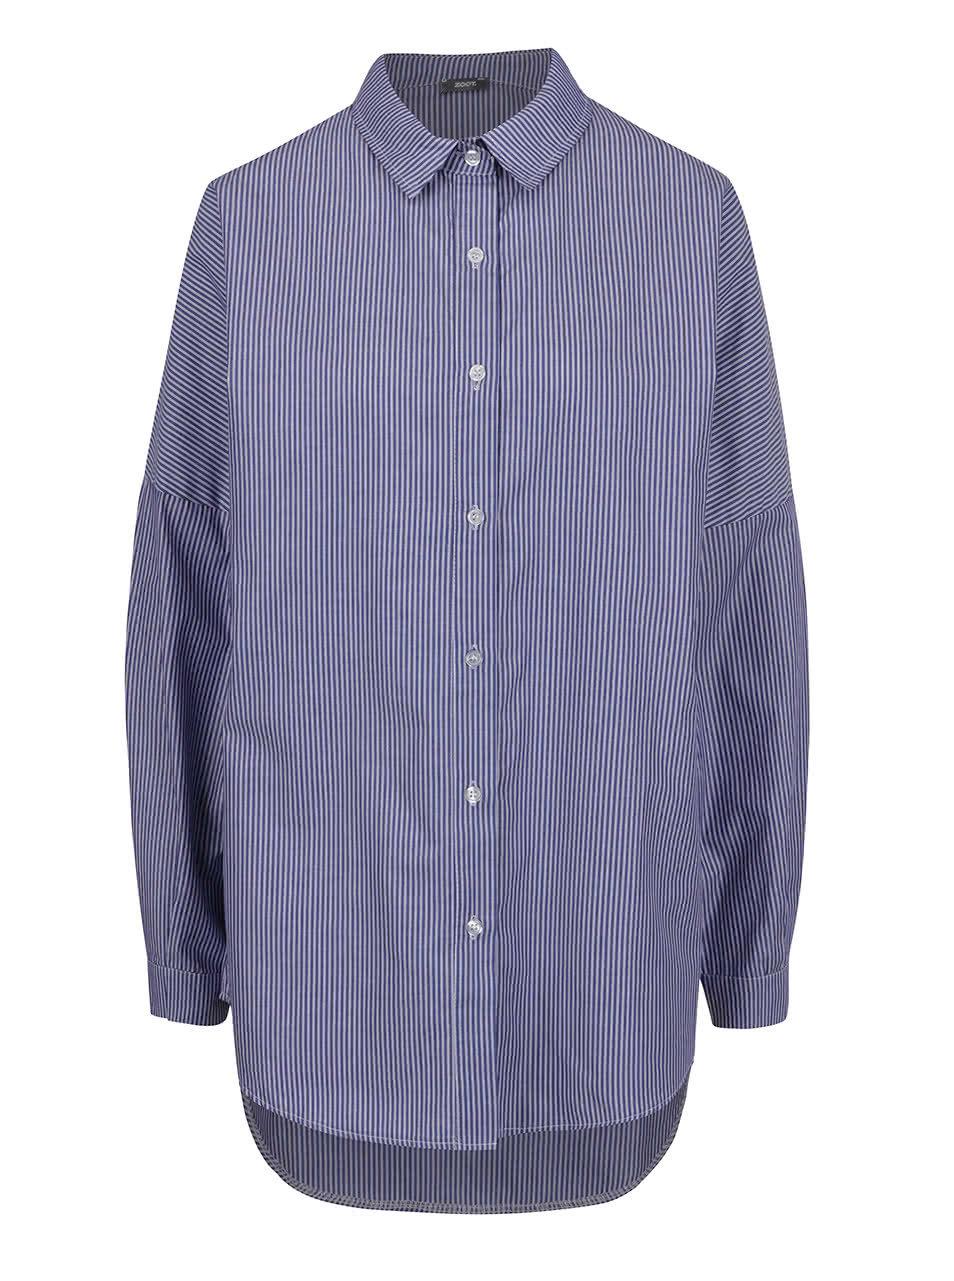 8524ef0f9e8 Tmavě modrá pruhovaná volná košile ZOOT ...